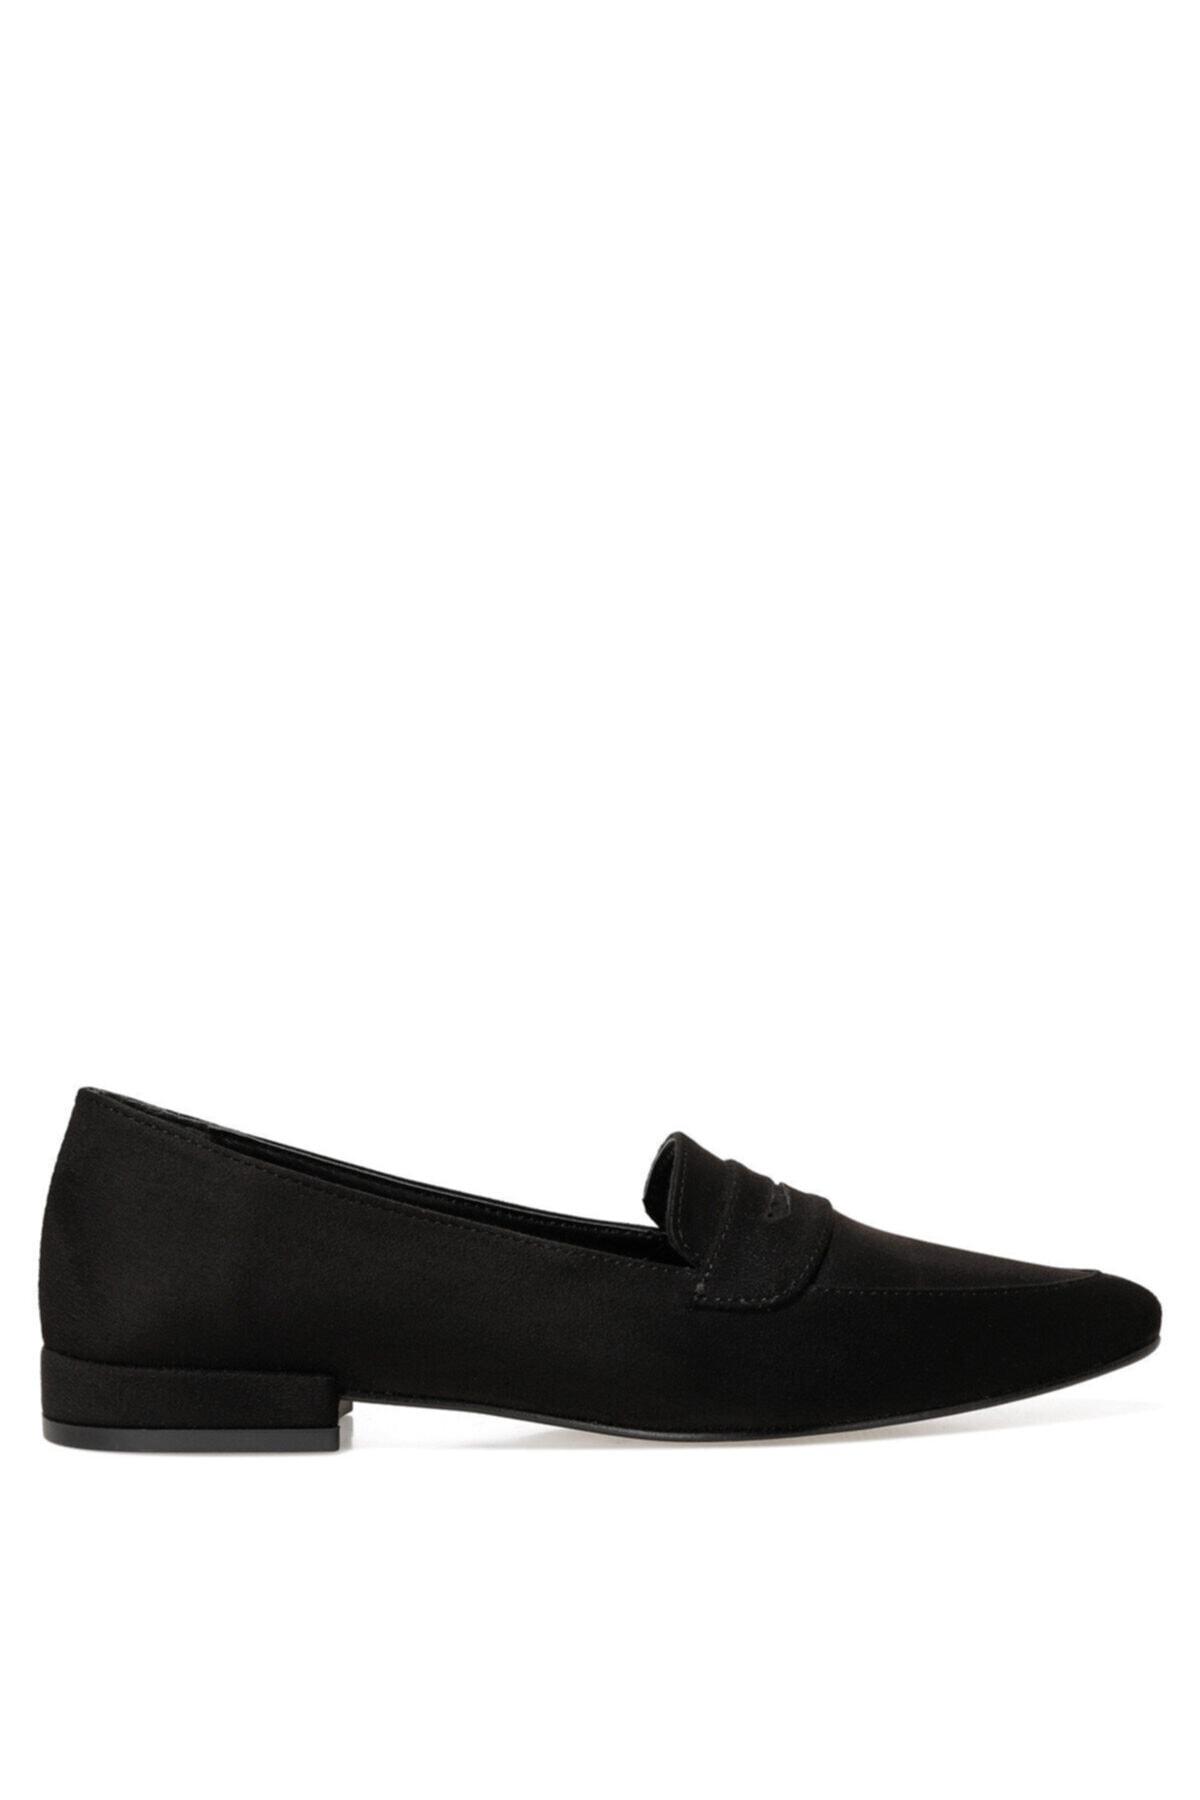 İnci NELA2 Siyah Kadın Loafer Ayakkabı 101025957 1